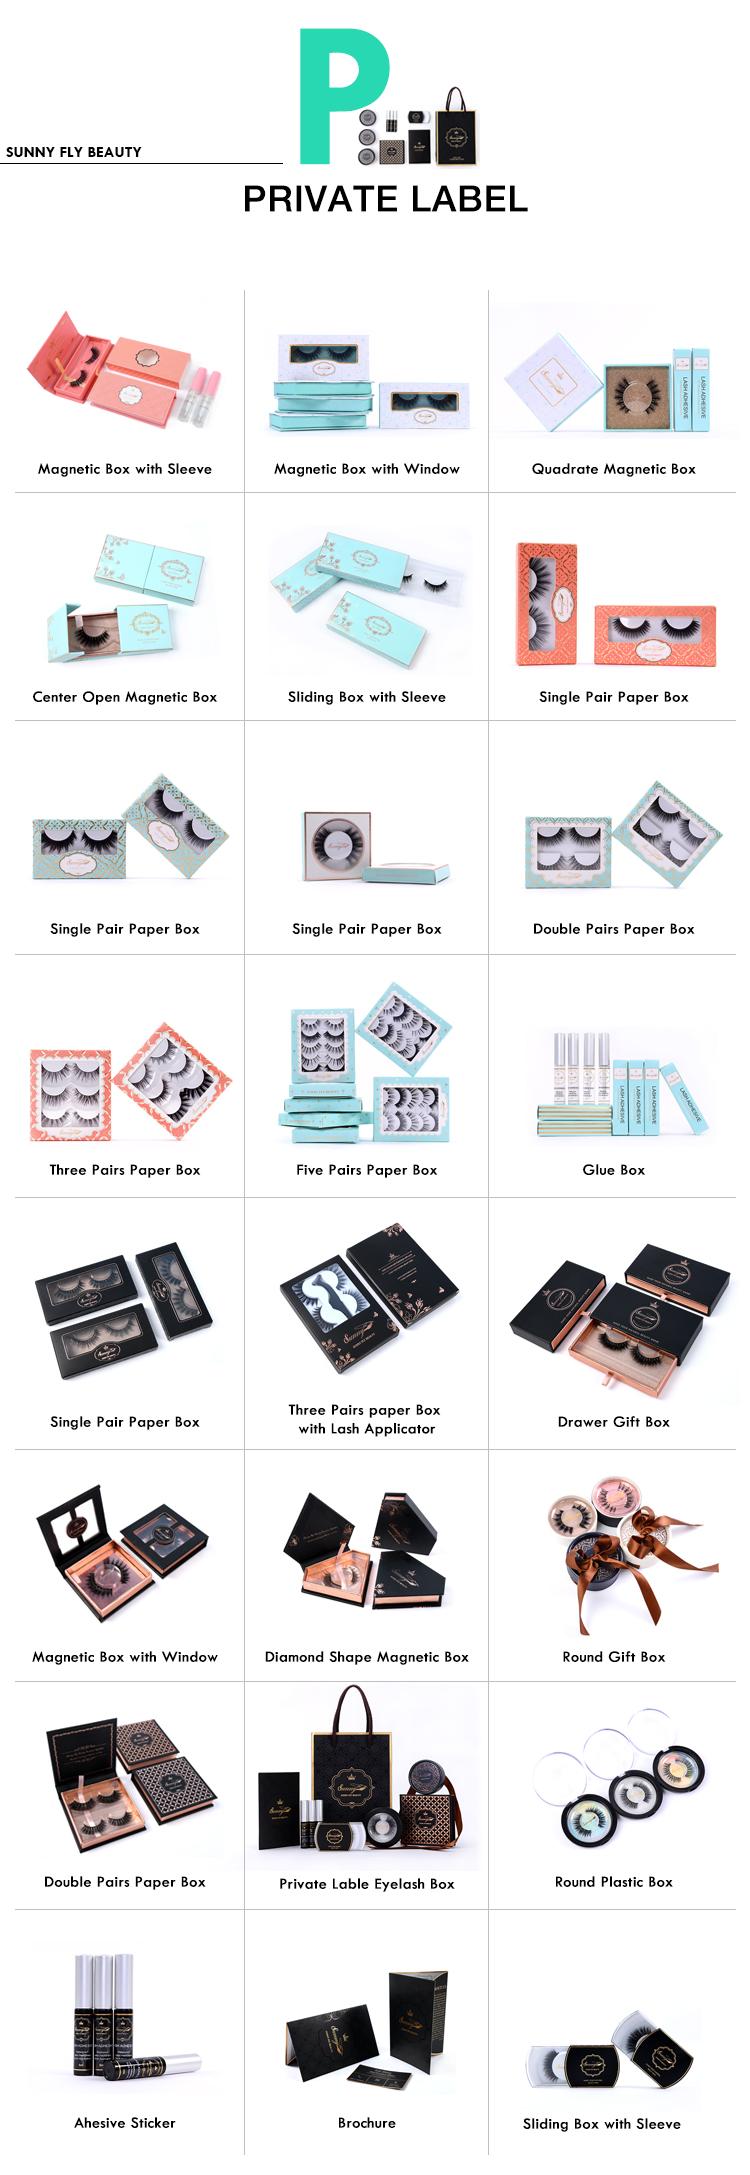 निर्माता नि: शुल्क नमूने थोक झूठी पट्टी कस्टम पैकेजिंग मिंक eyelashes